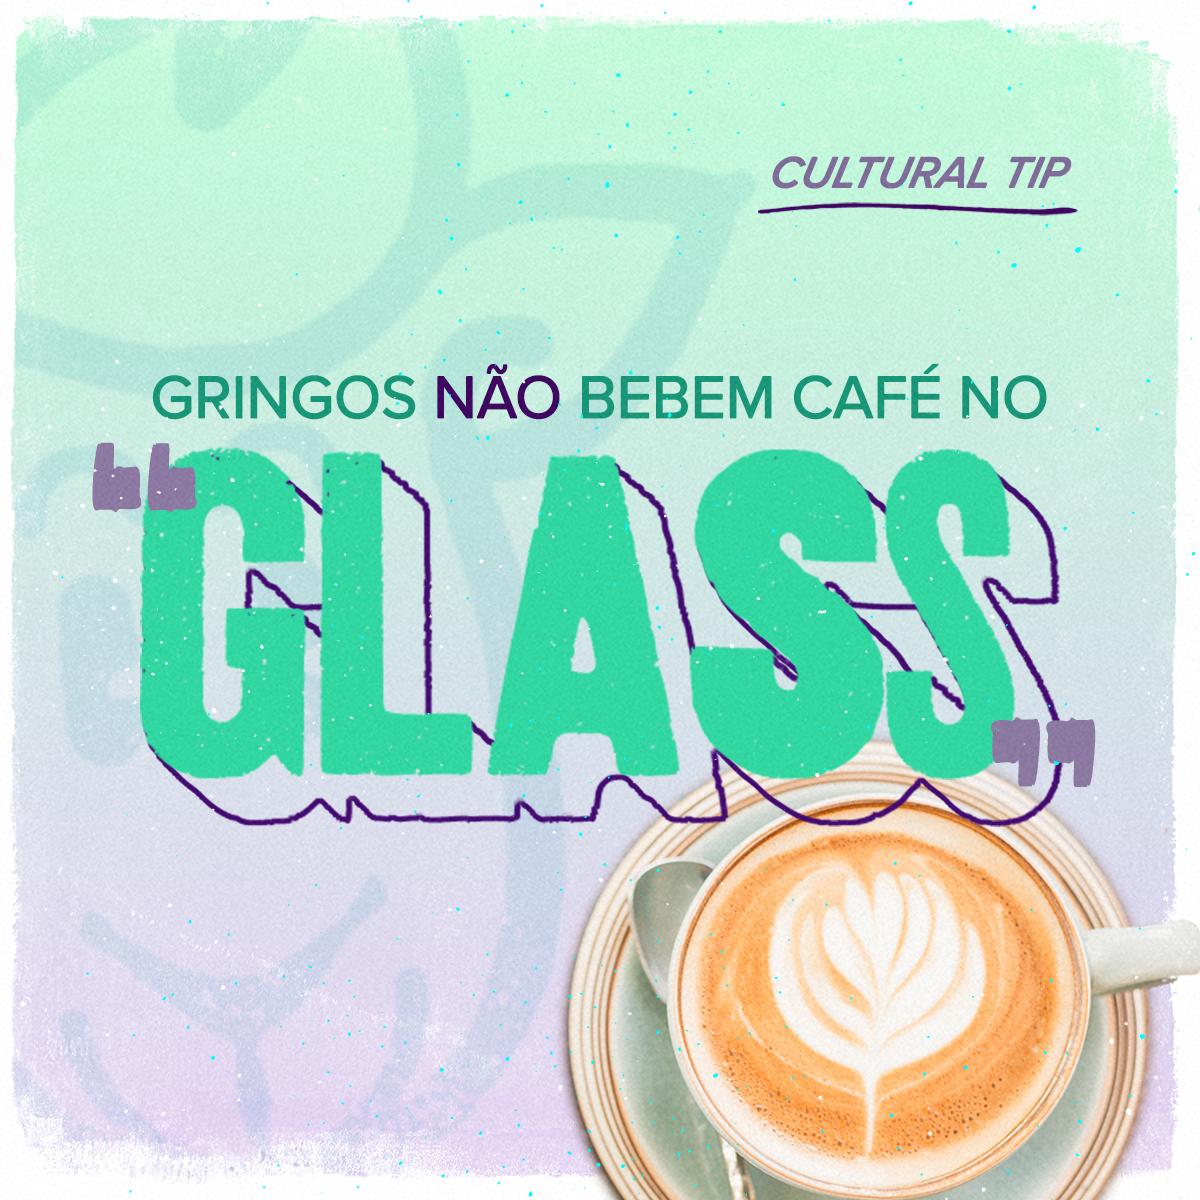 glass_thumb.png